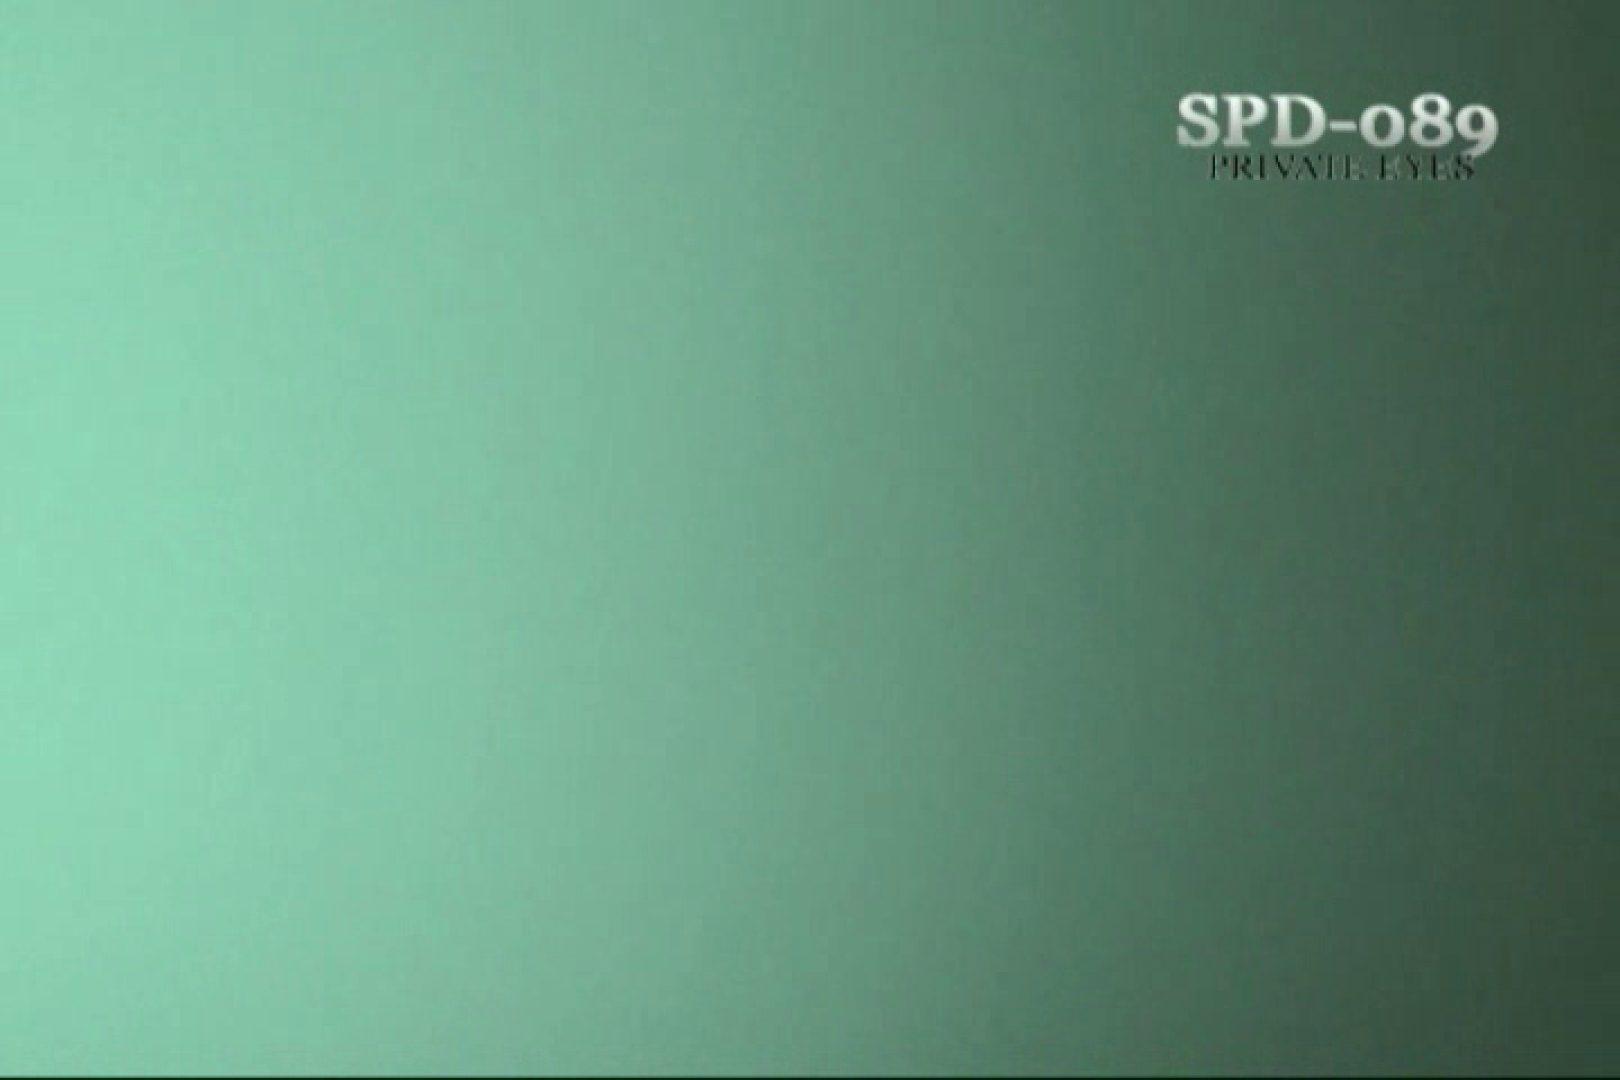 高画質版!SPD-089 厠の隙間 4 厠 のぞきエロ無料画像 54連発 30